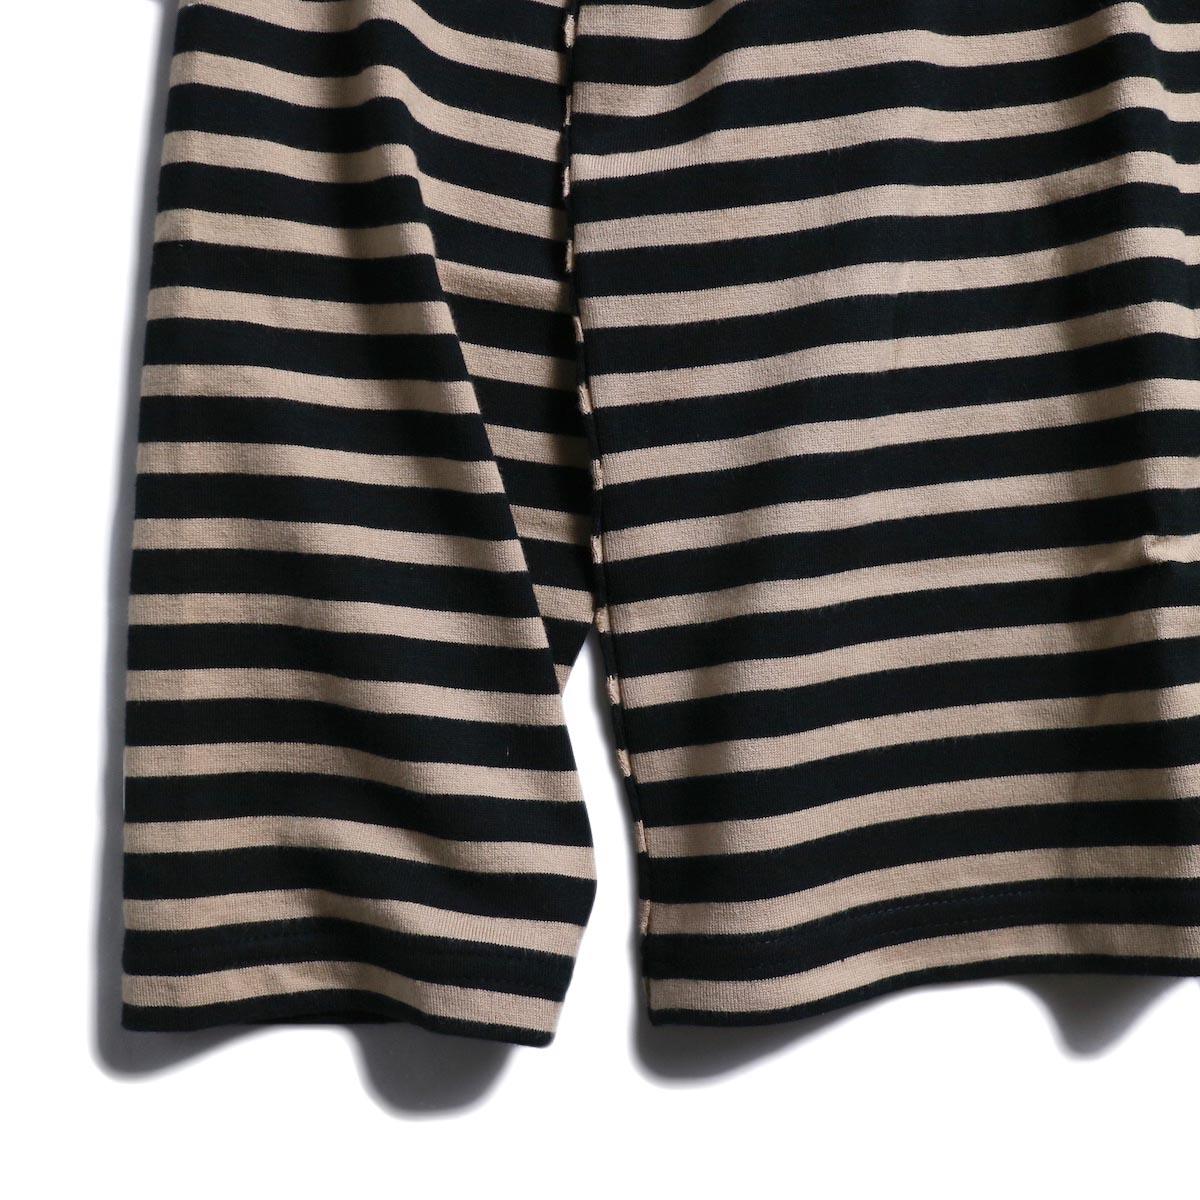 UNUSED / US1682 Long Sleeve Border T-Shirt -Beige/Black 袖、裾